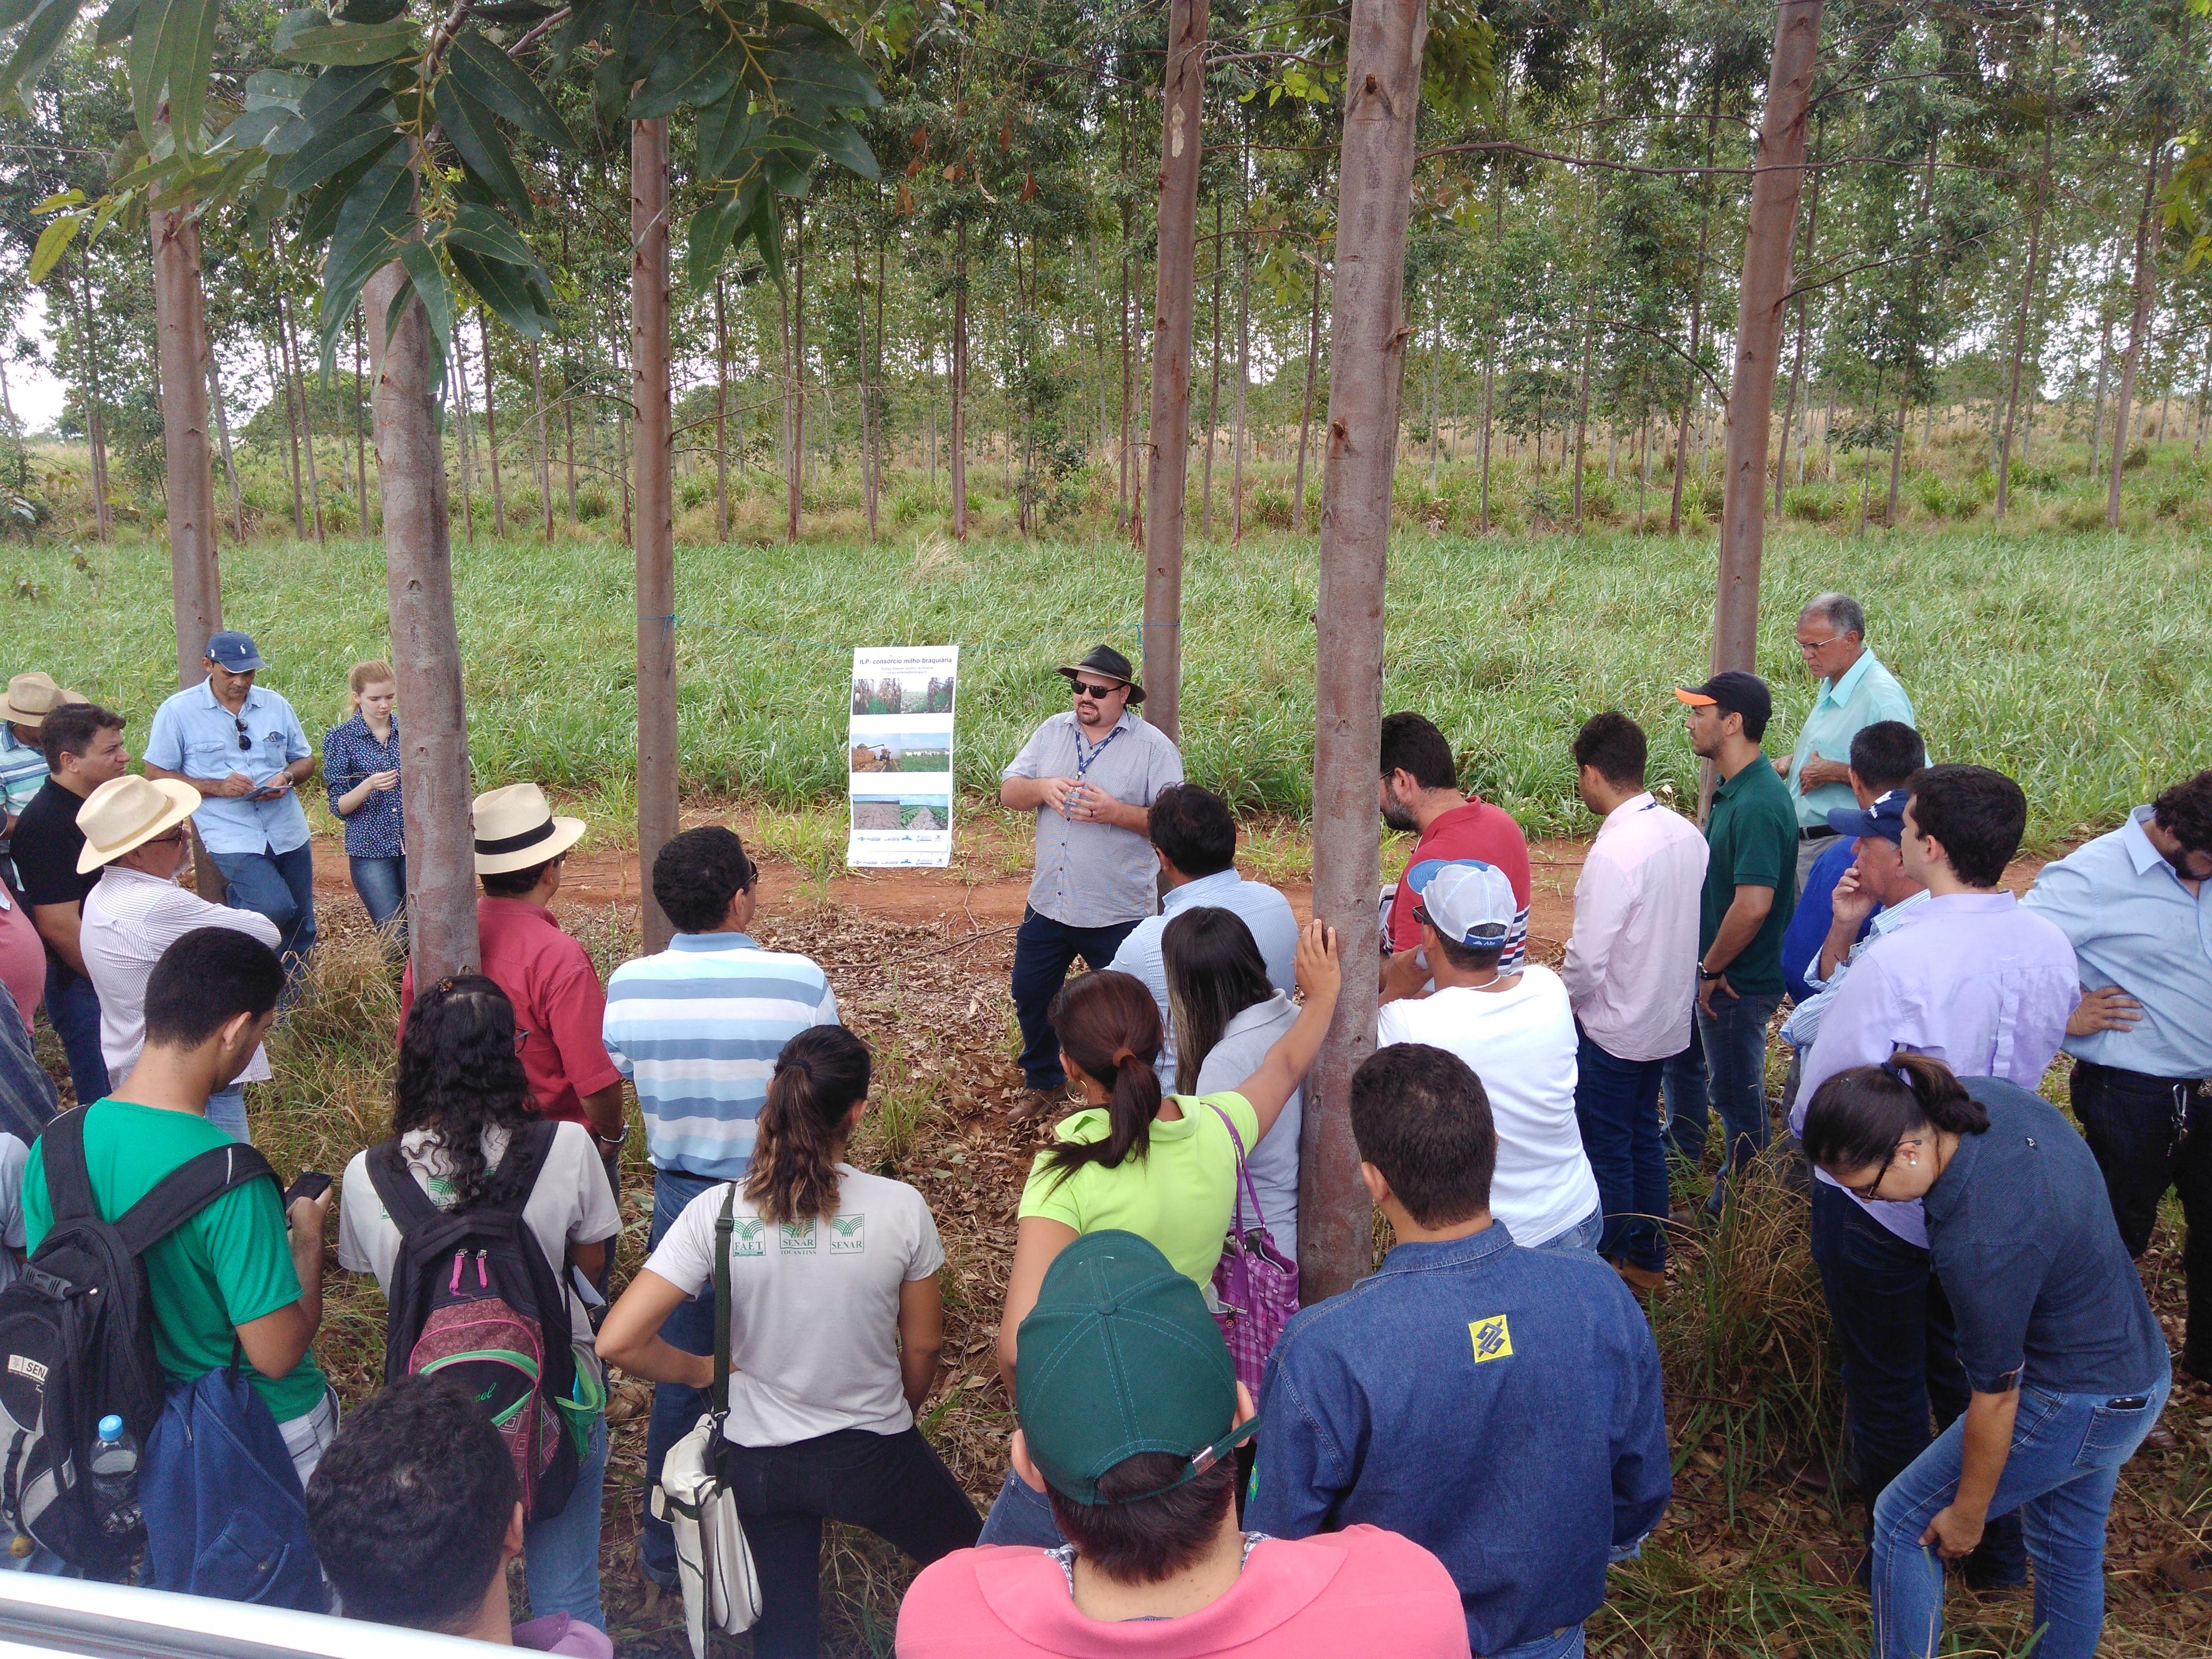 Clenio Araujo - Os módulos de capacitação incluíam práticas no campo